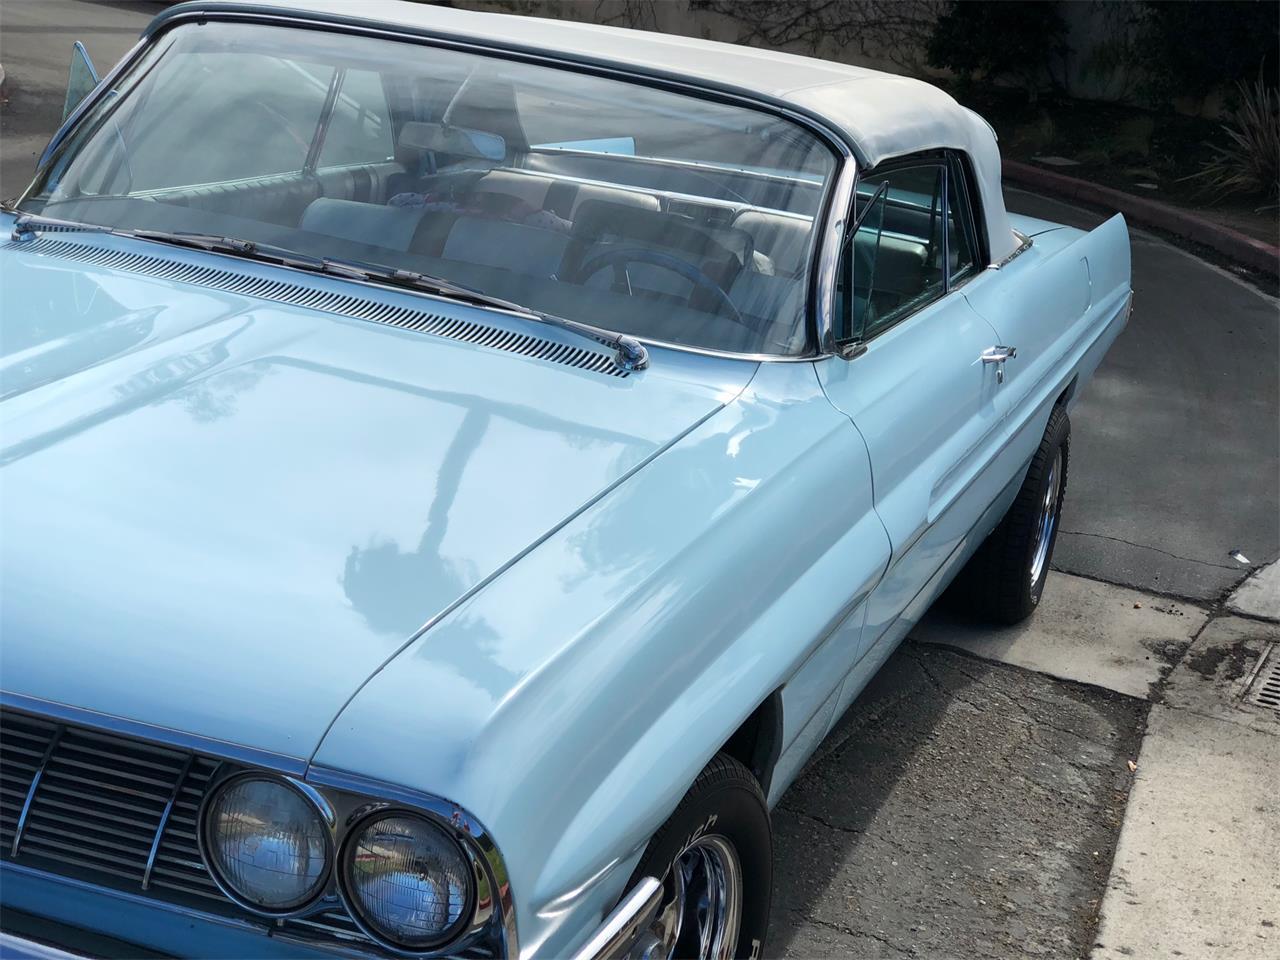 Large Picture of Classic '61 Pontiac Bonneville - $18,995.00 - ASQZ